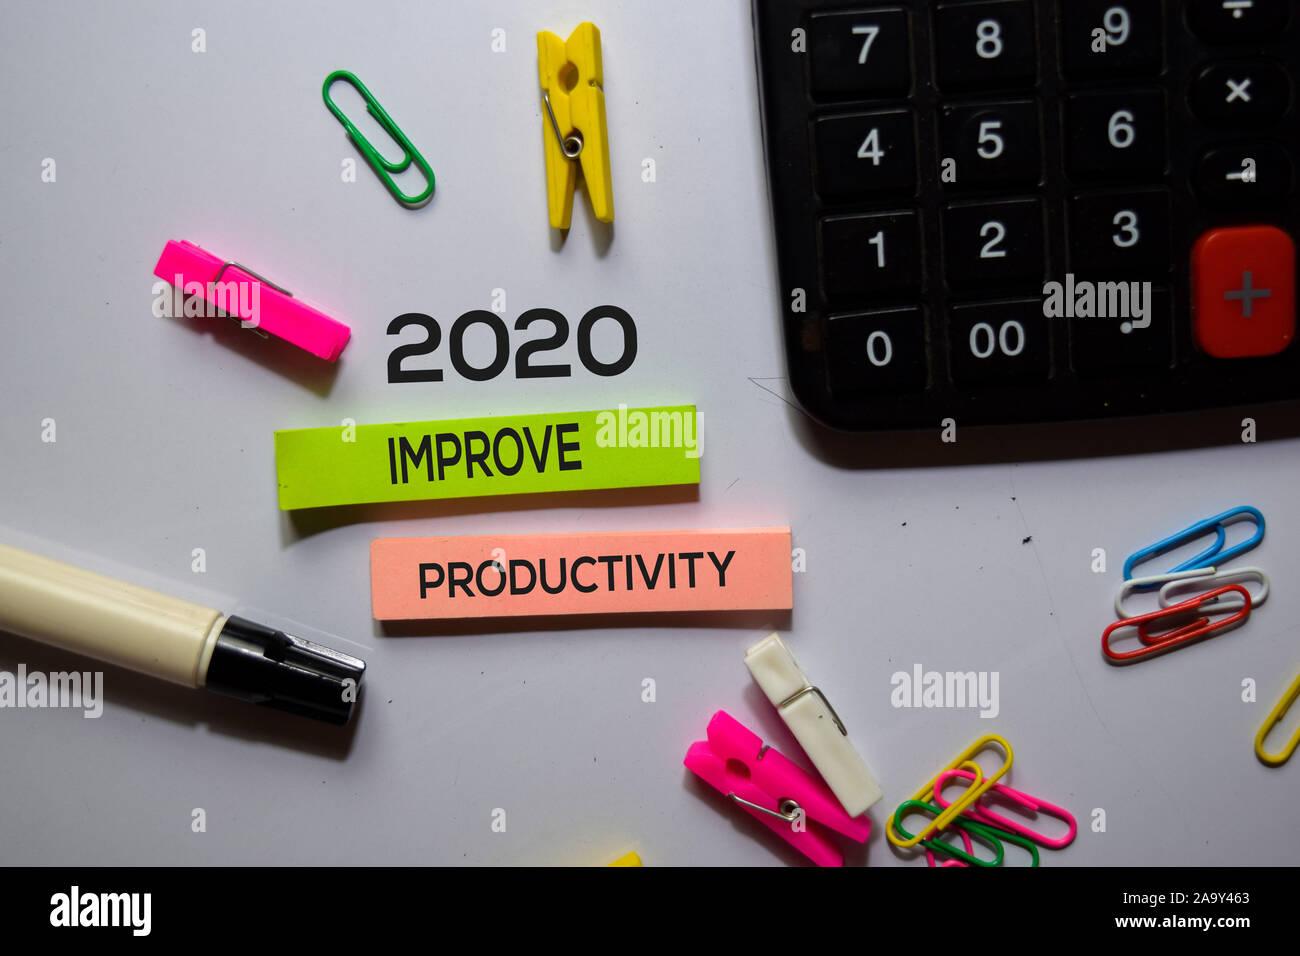 2020 verbessern die Produktivität text auf Haftnotizen auf Büro Schreibtisch isoliert Stockfoto